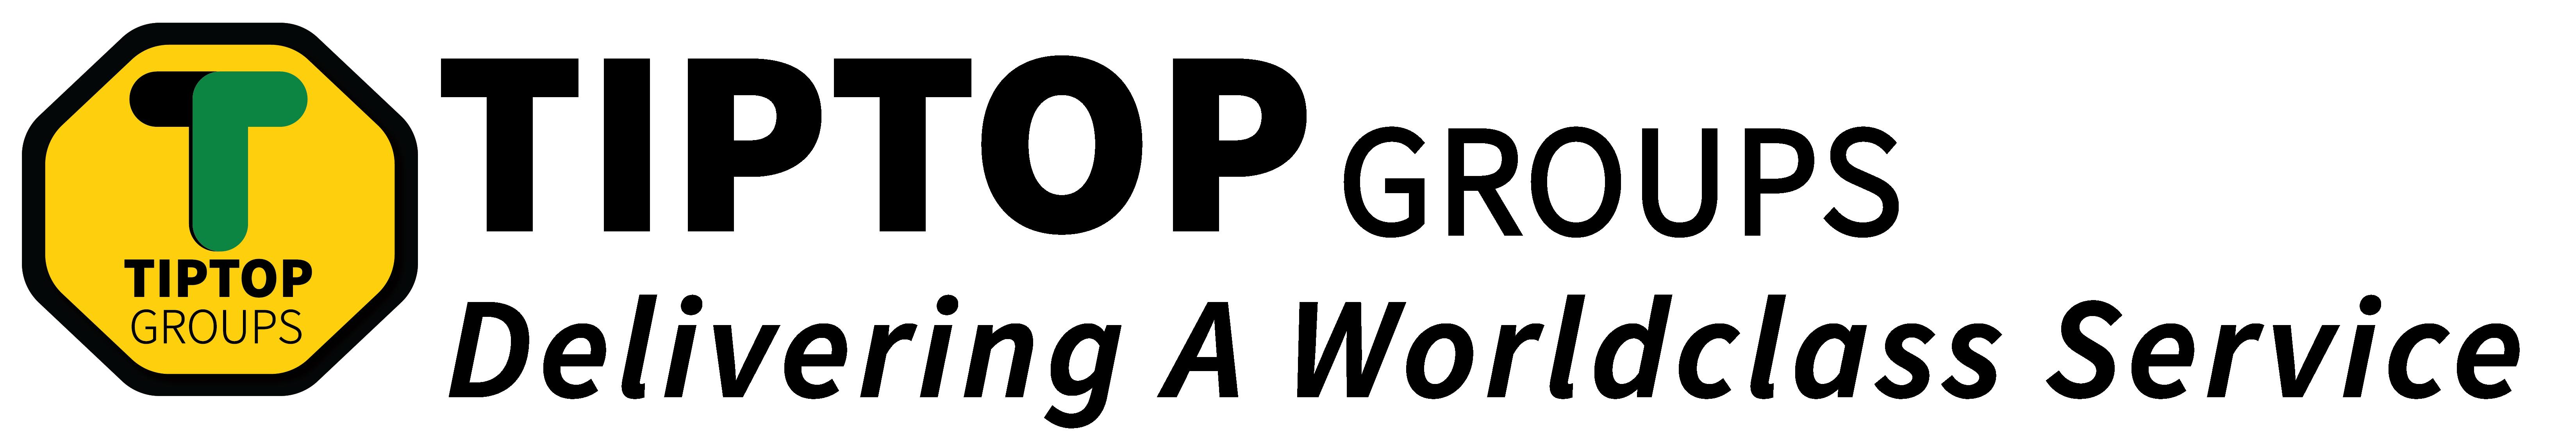 Tiptop Groups